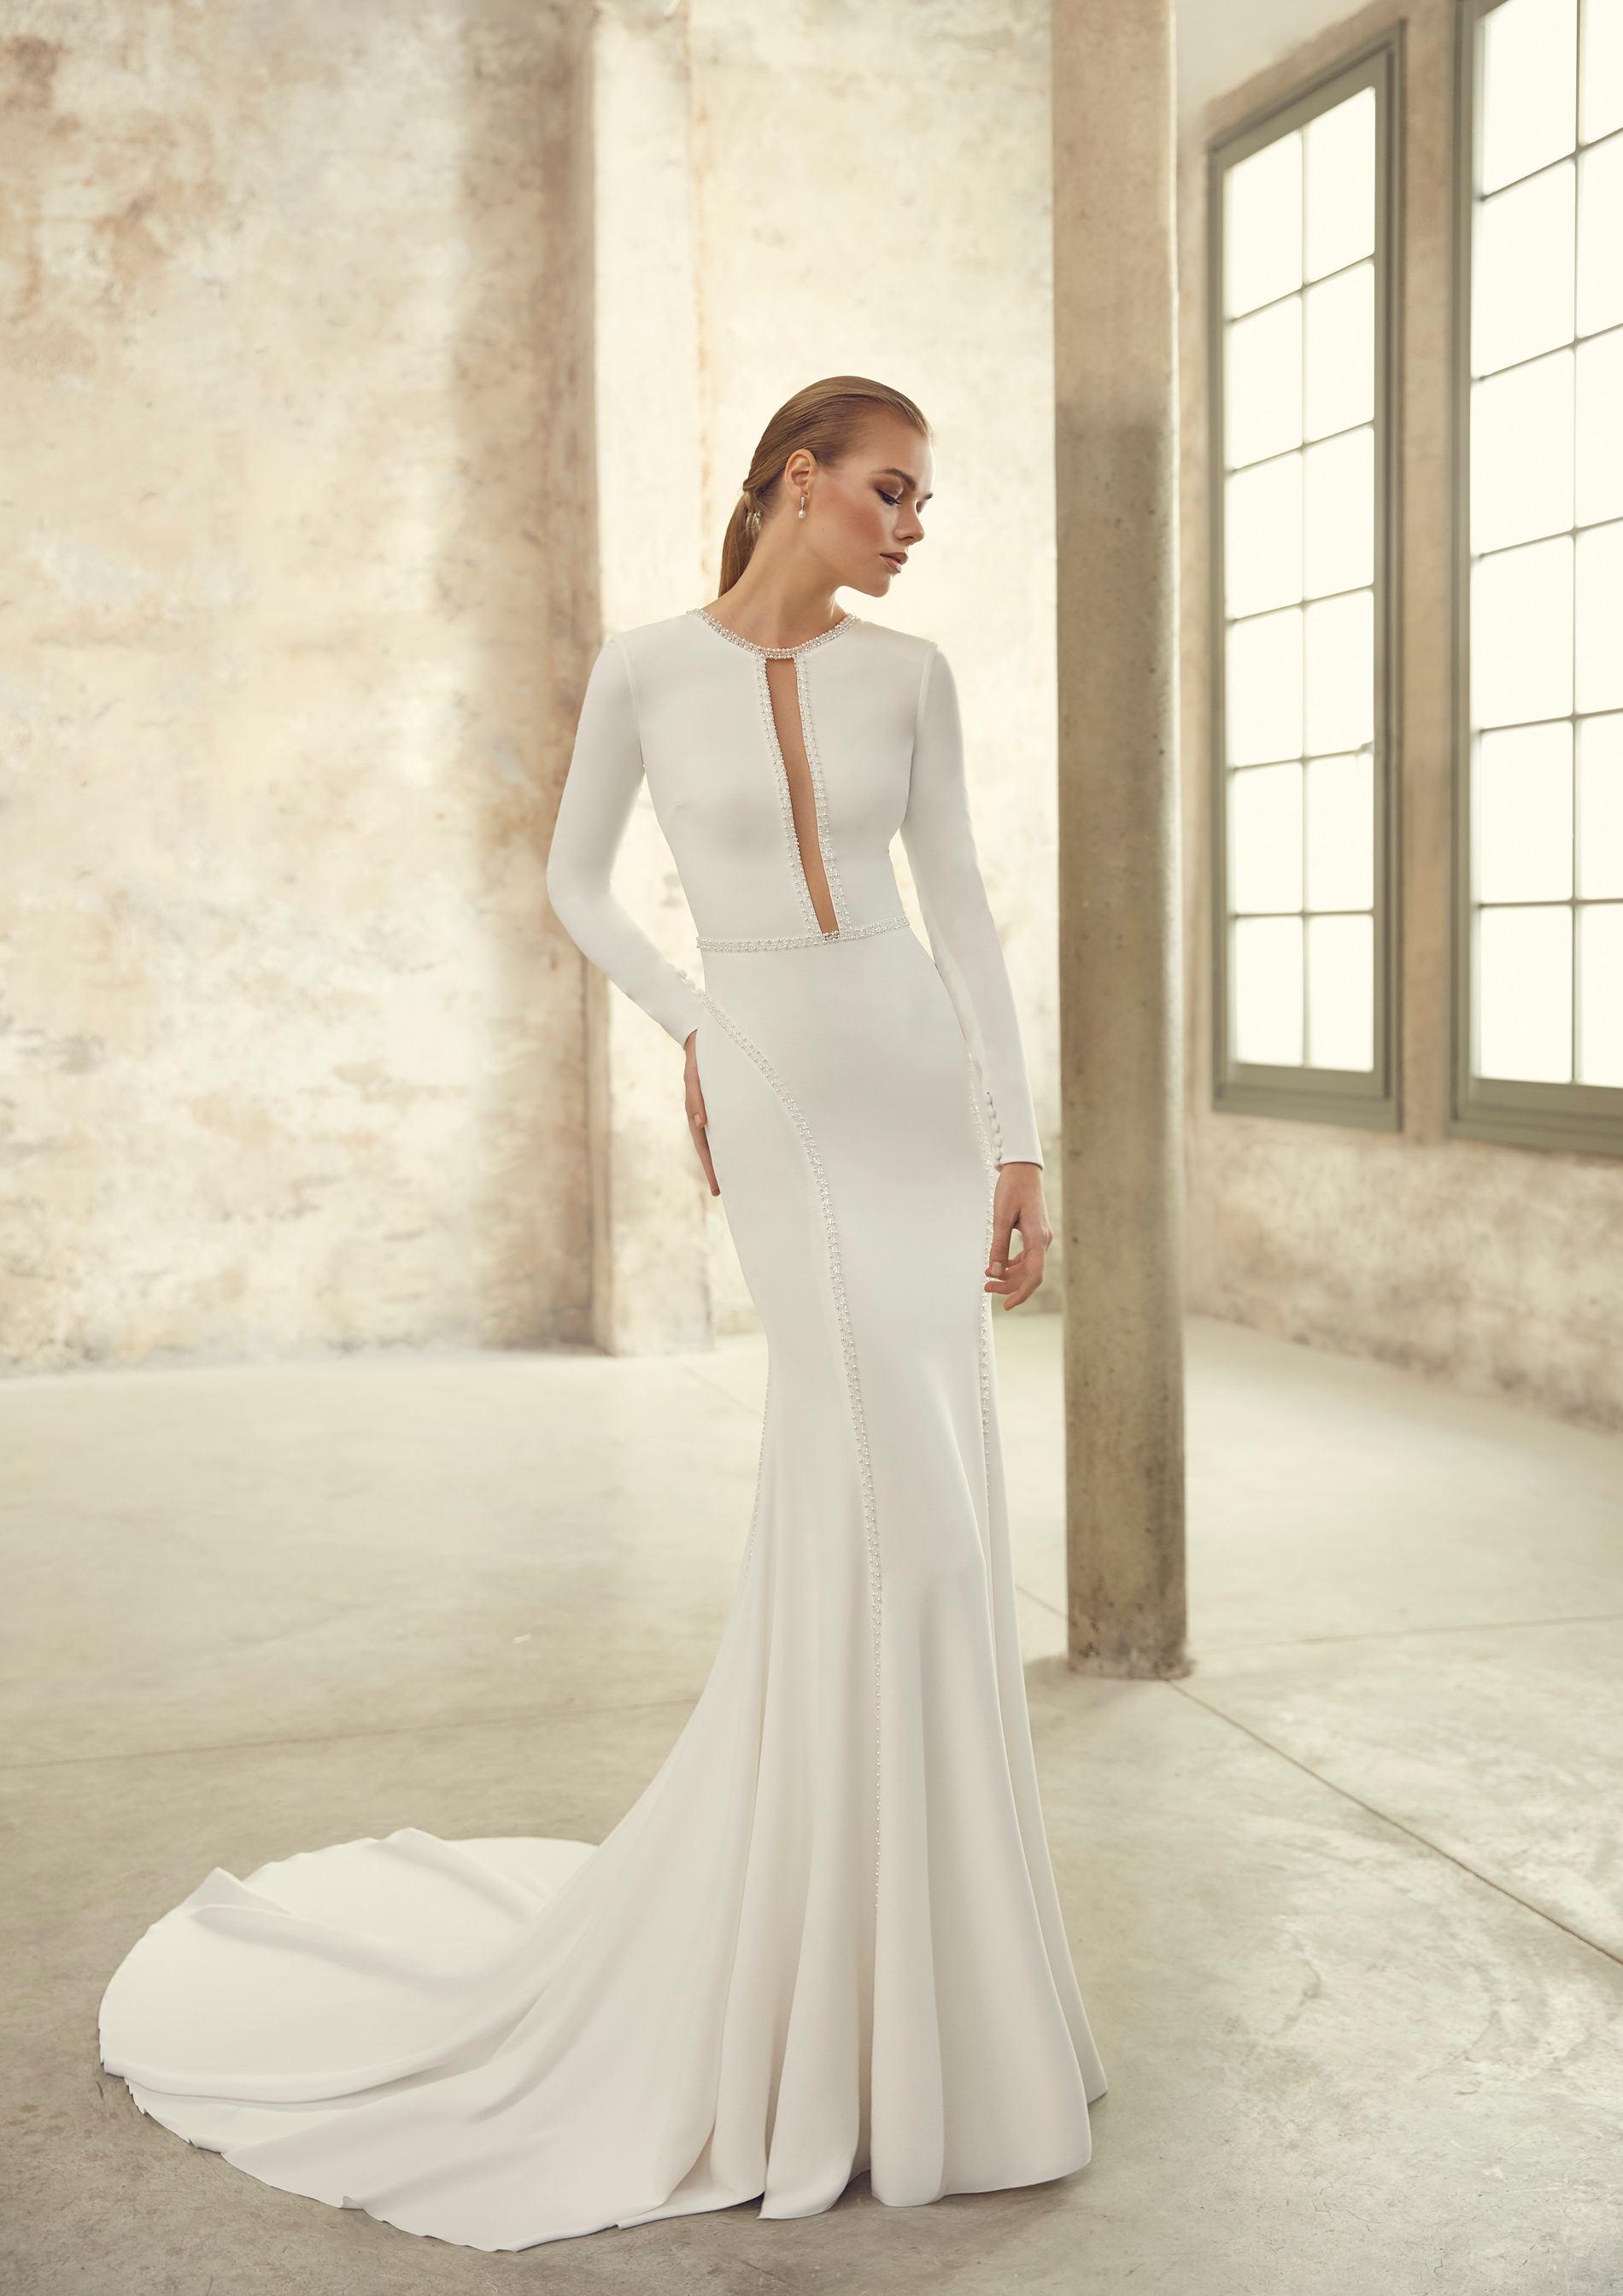 5 tendencias en vestidos de novia 2021 - Vestidos lisos